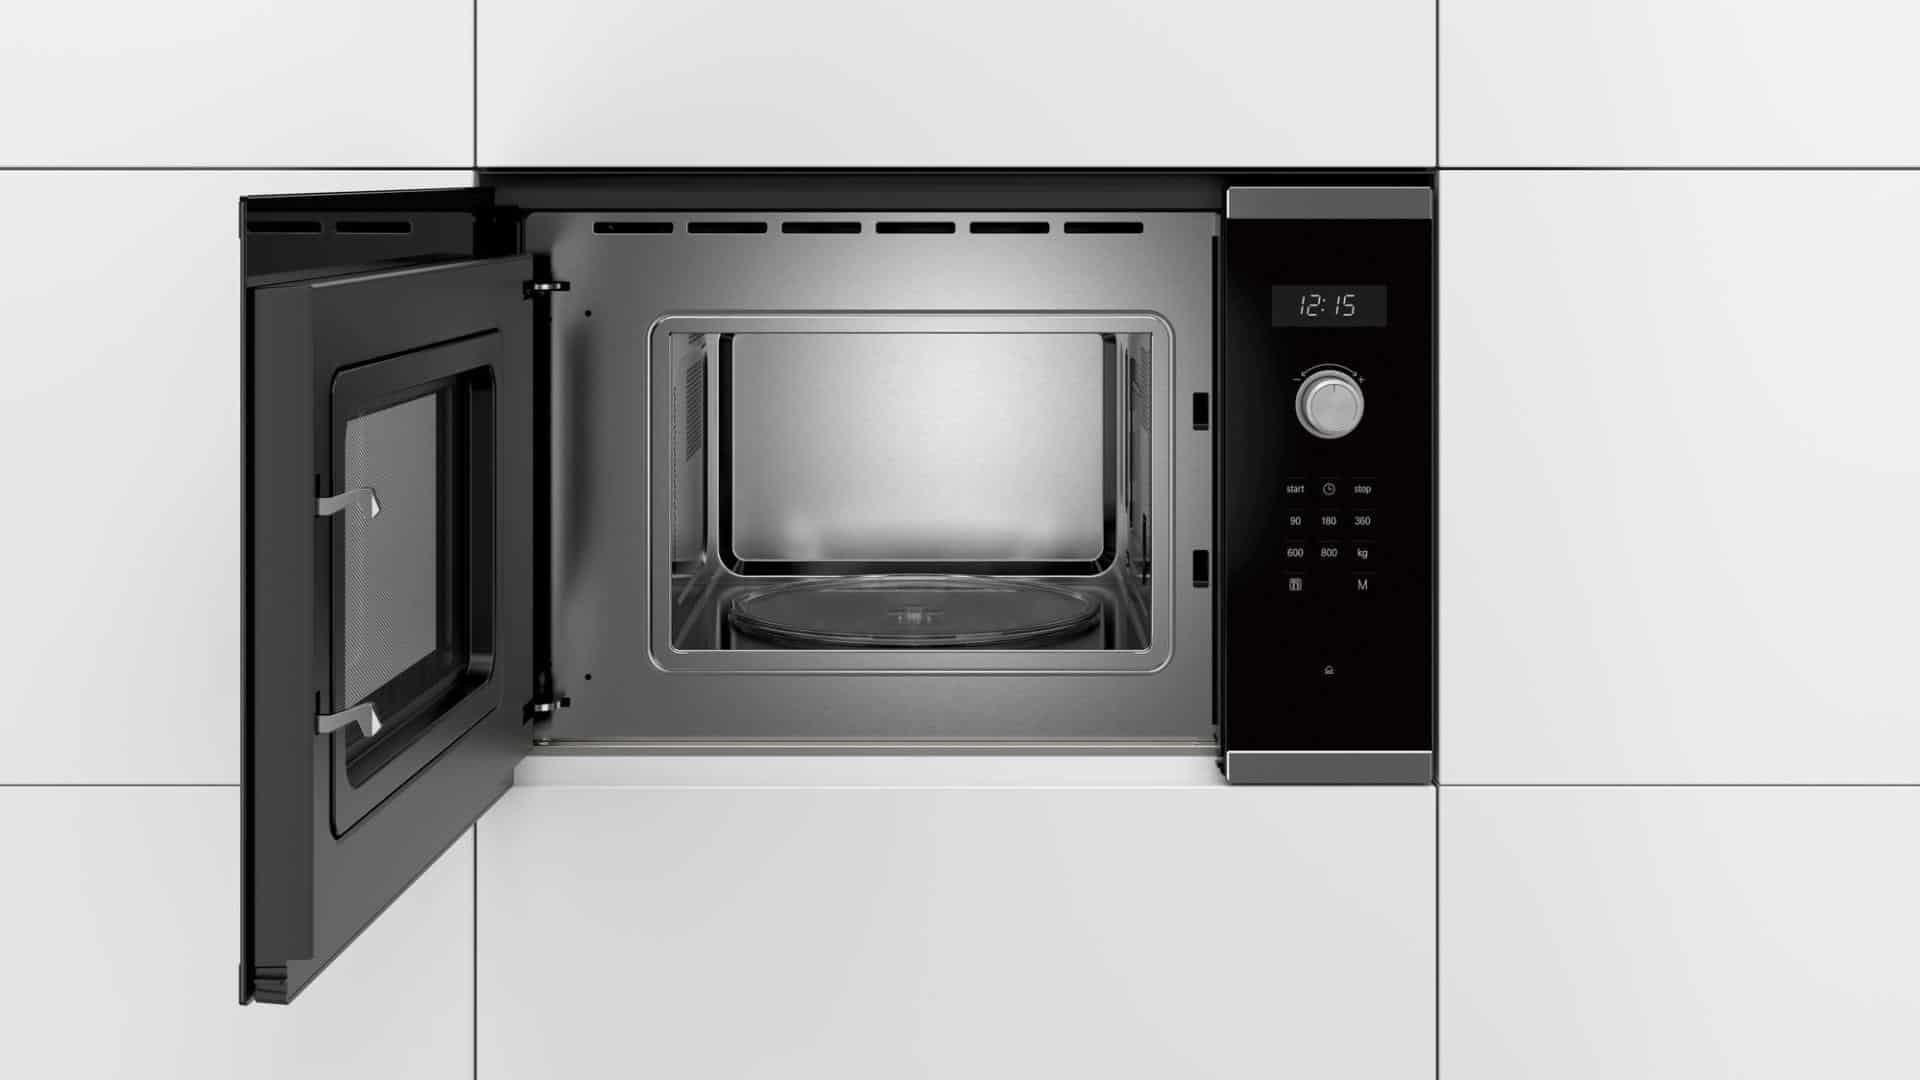 MCSA02767738 BFL524MS0 Microwave Bosch PGA2 def Gia Dụng Đức Sài Gòn